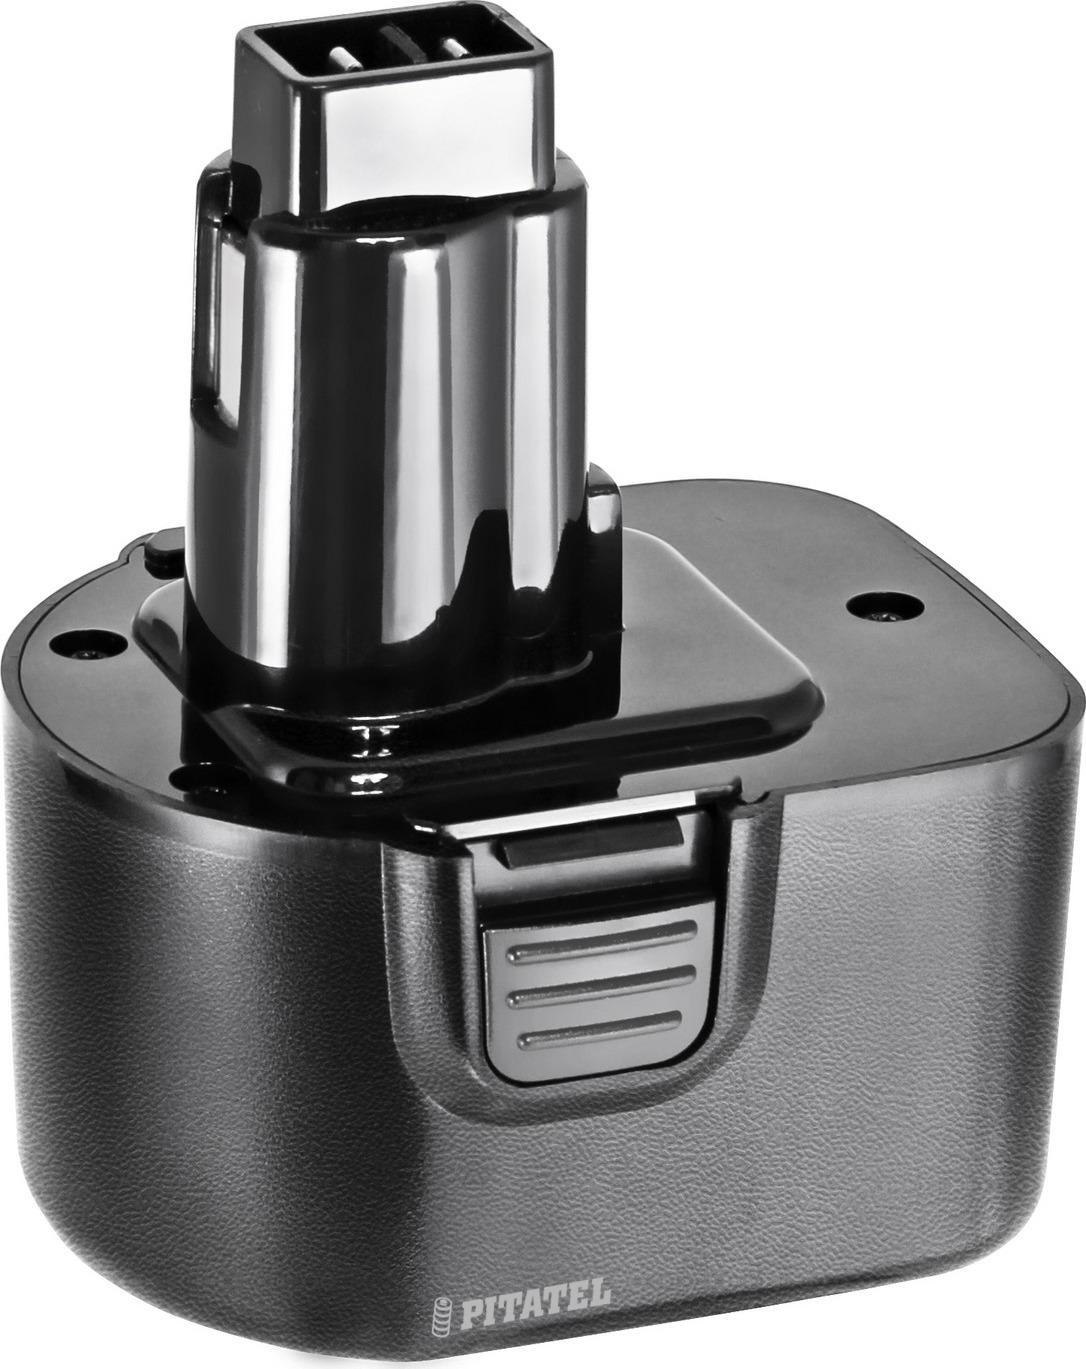 Аккумулятор для инструмента Pitatel для DEWALT. TSB-056-DE12/BD12A-13C аккумулятор для инструмента pitatel для dewalt tsb 056 de12 bd12a 13c